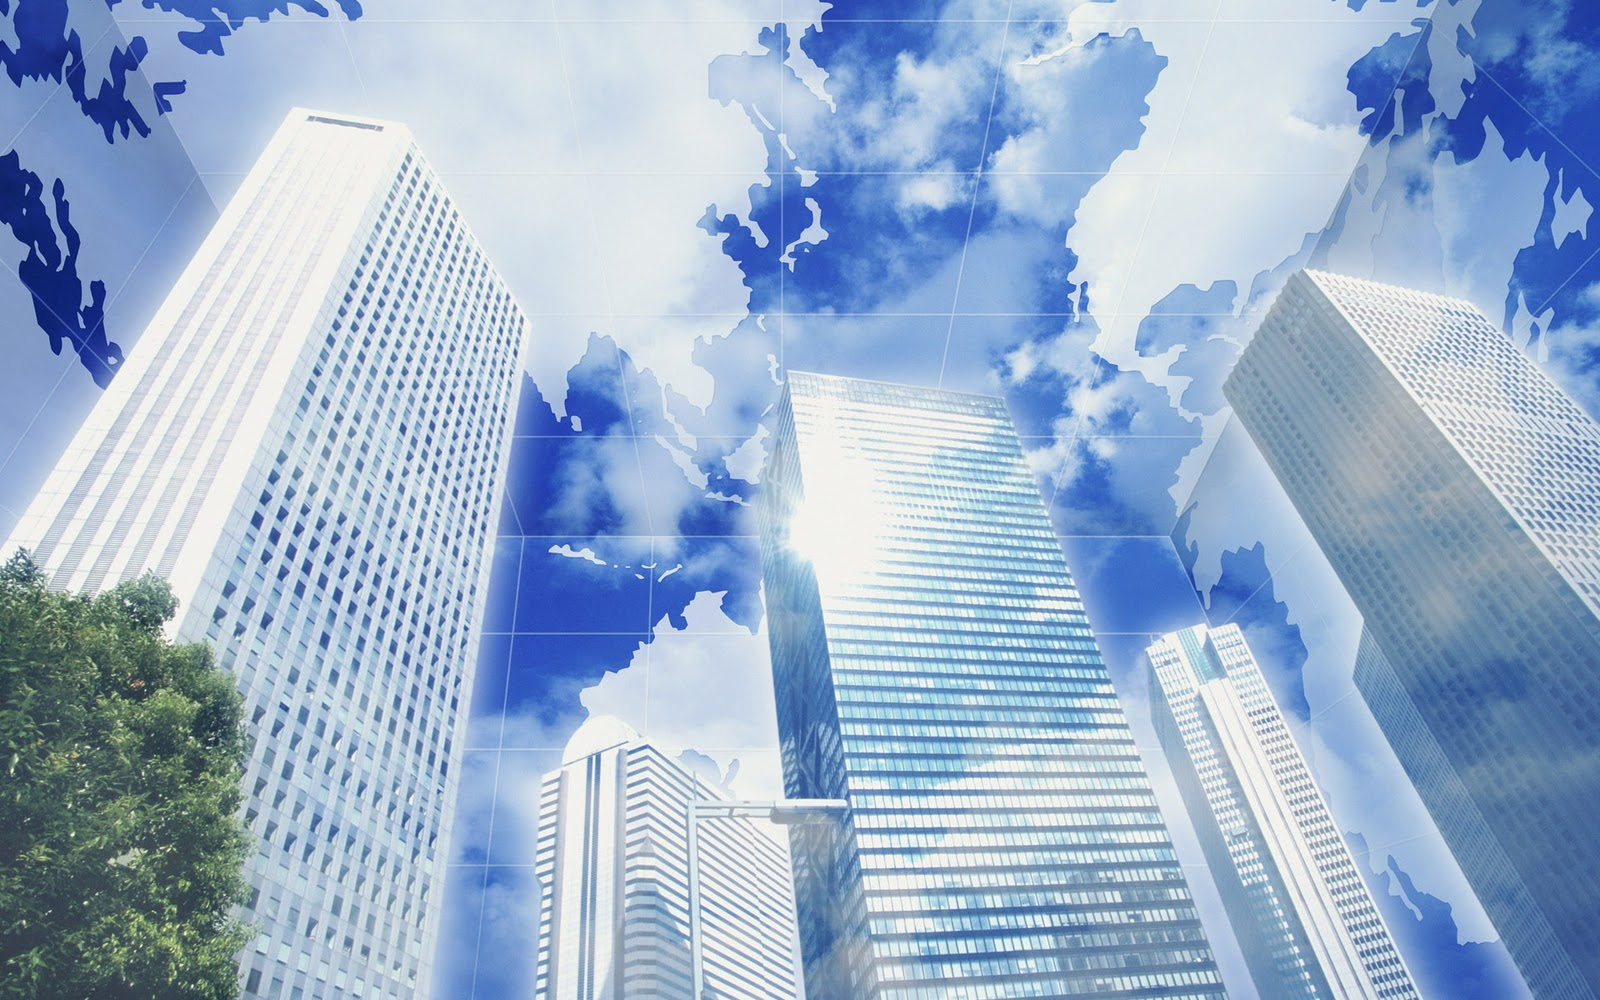 http://3.bp.blogspot.com/_8_CLn-I1Tfc/TVAti2zlAYI/AAAAAAAAB3U/tE_eSzZTb0A/s1600/windows%2B7%2Bfree%2Bwallpapers.jpg